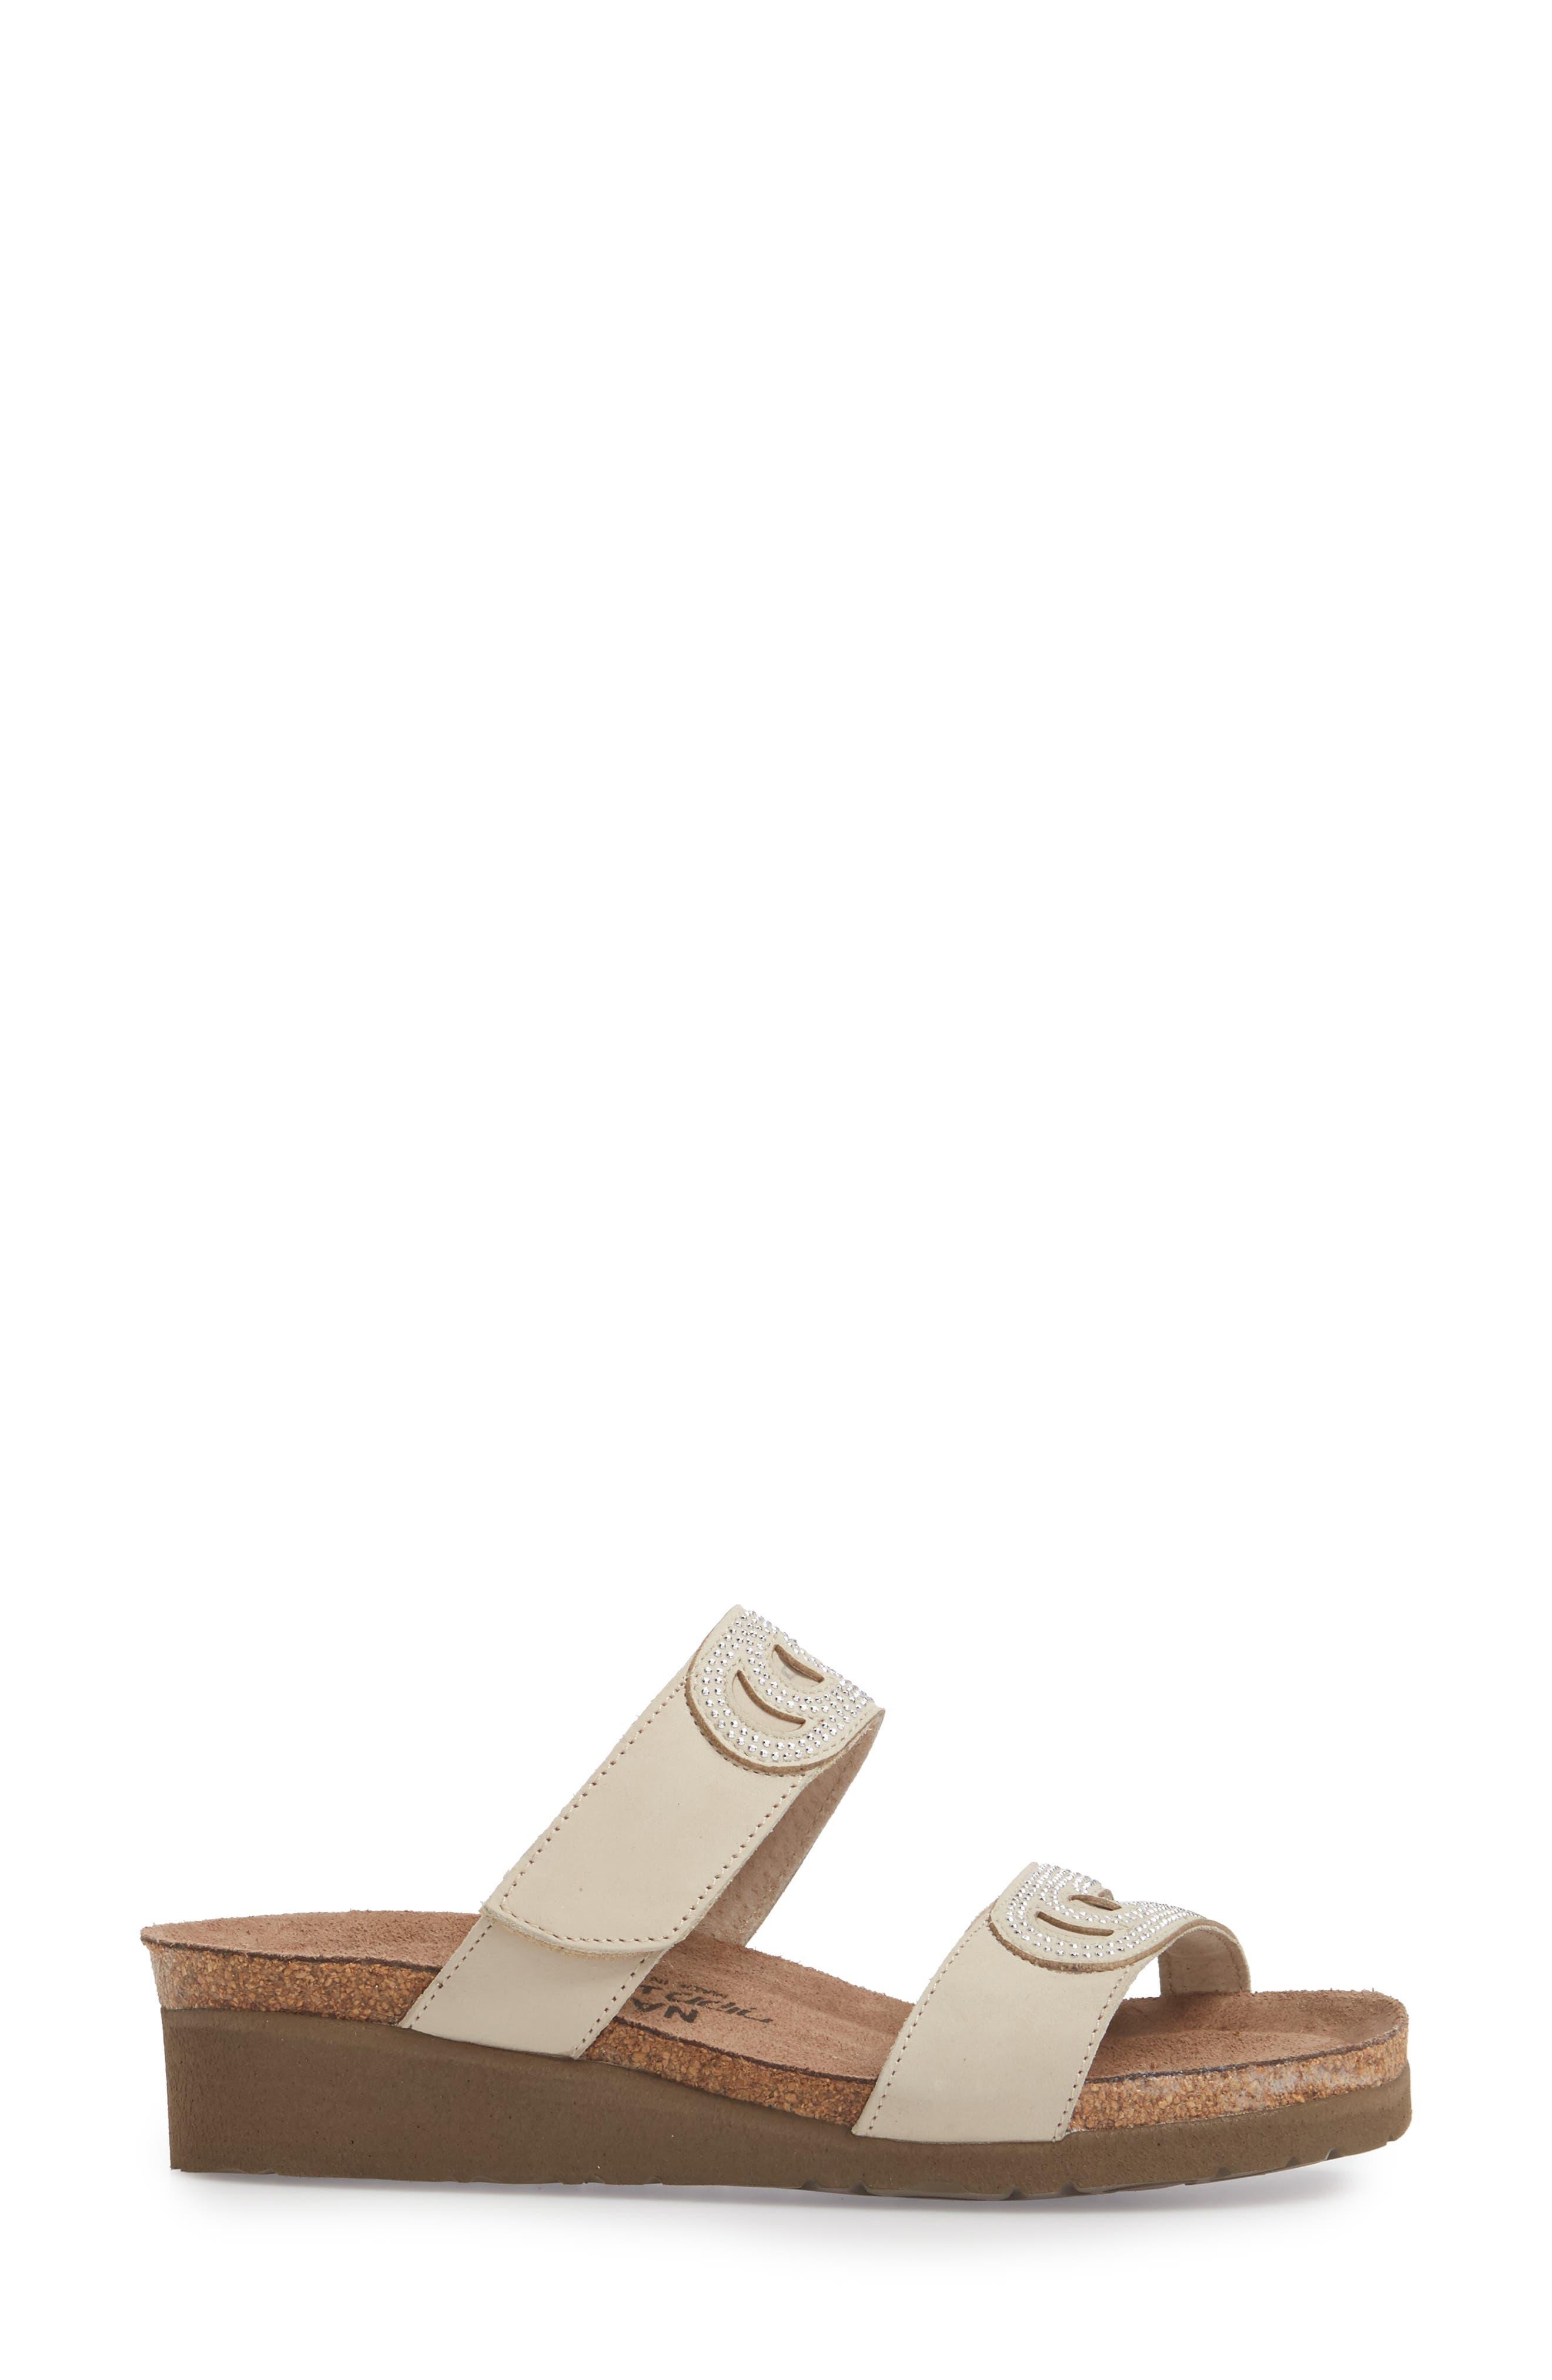 Alternate Image 3  - Naot Ainsley Studded Slide Sandal (Women)